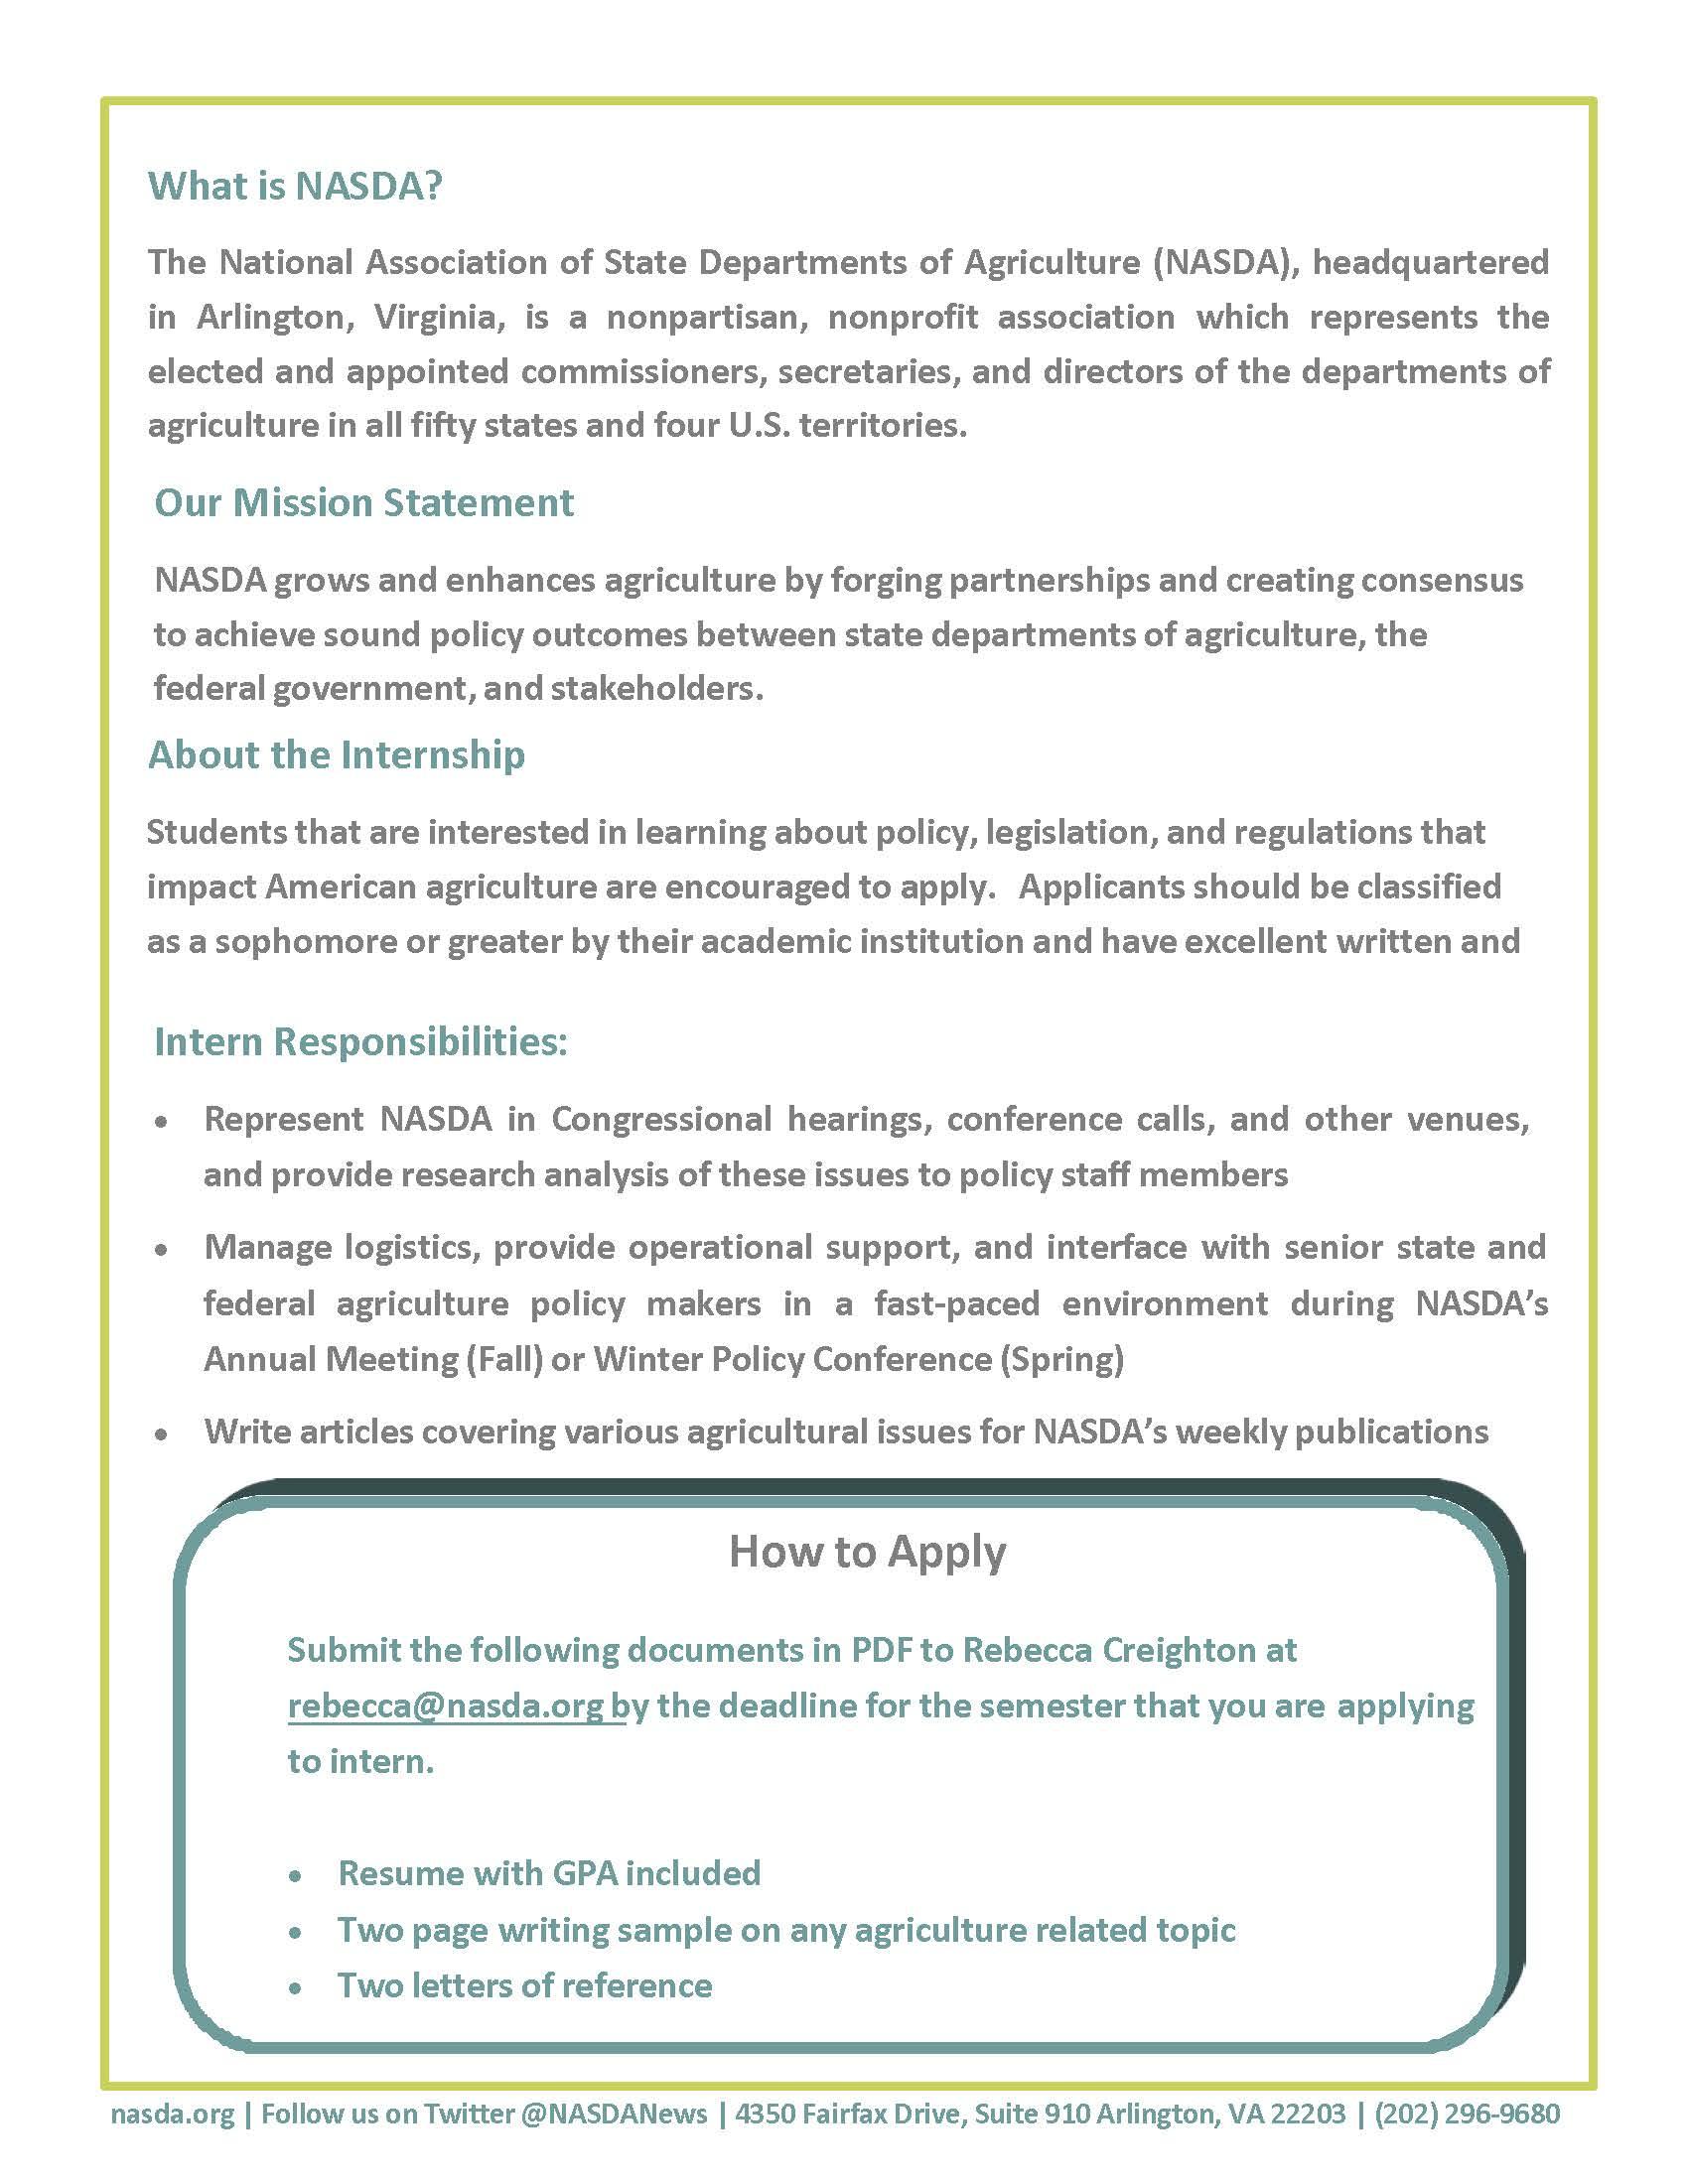 nasda-internship-flyer-2016_page_2